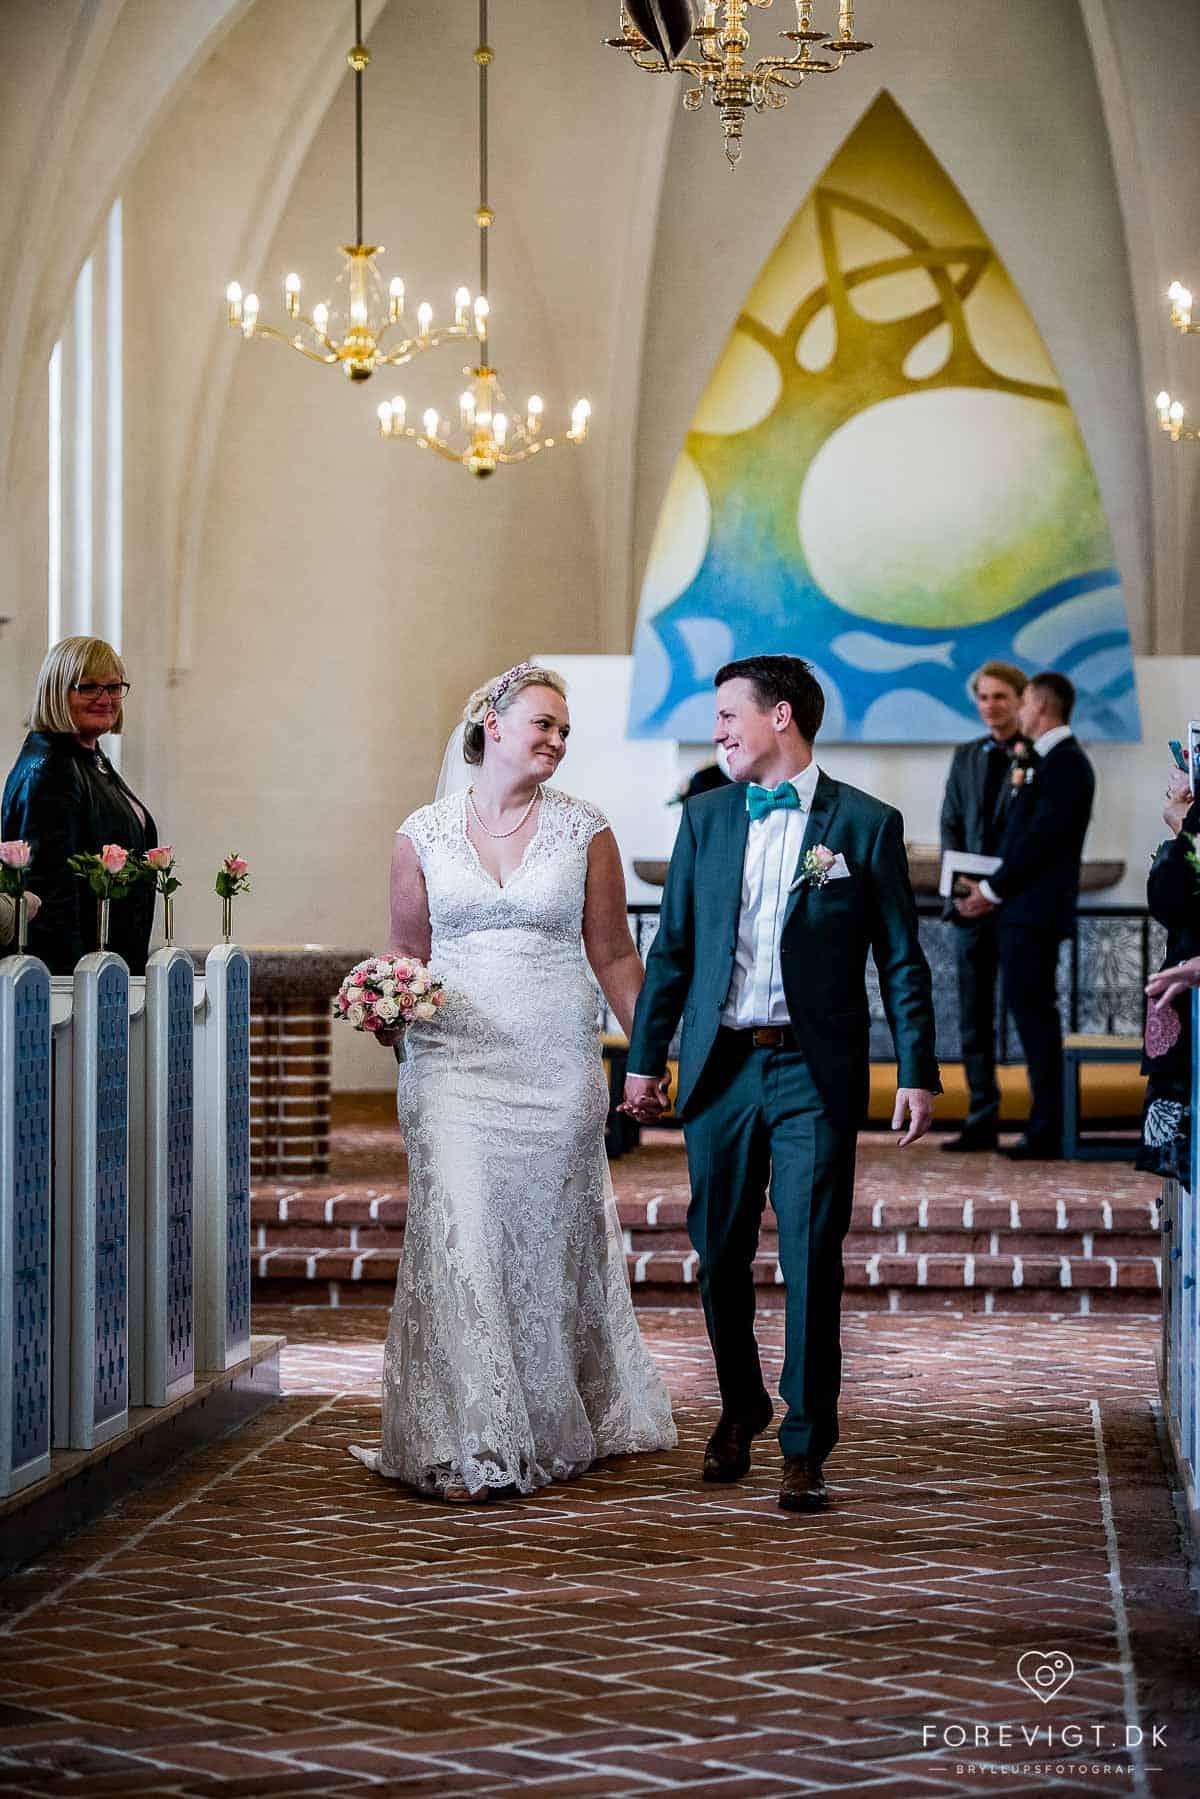 Bryllup & romantik. Det smukke og historiske Hotel